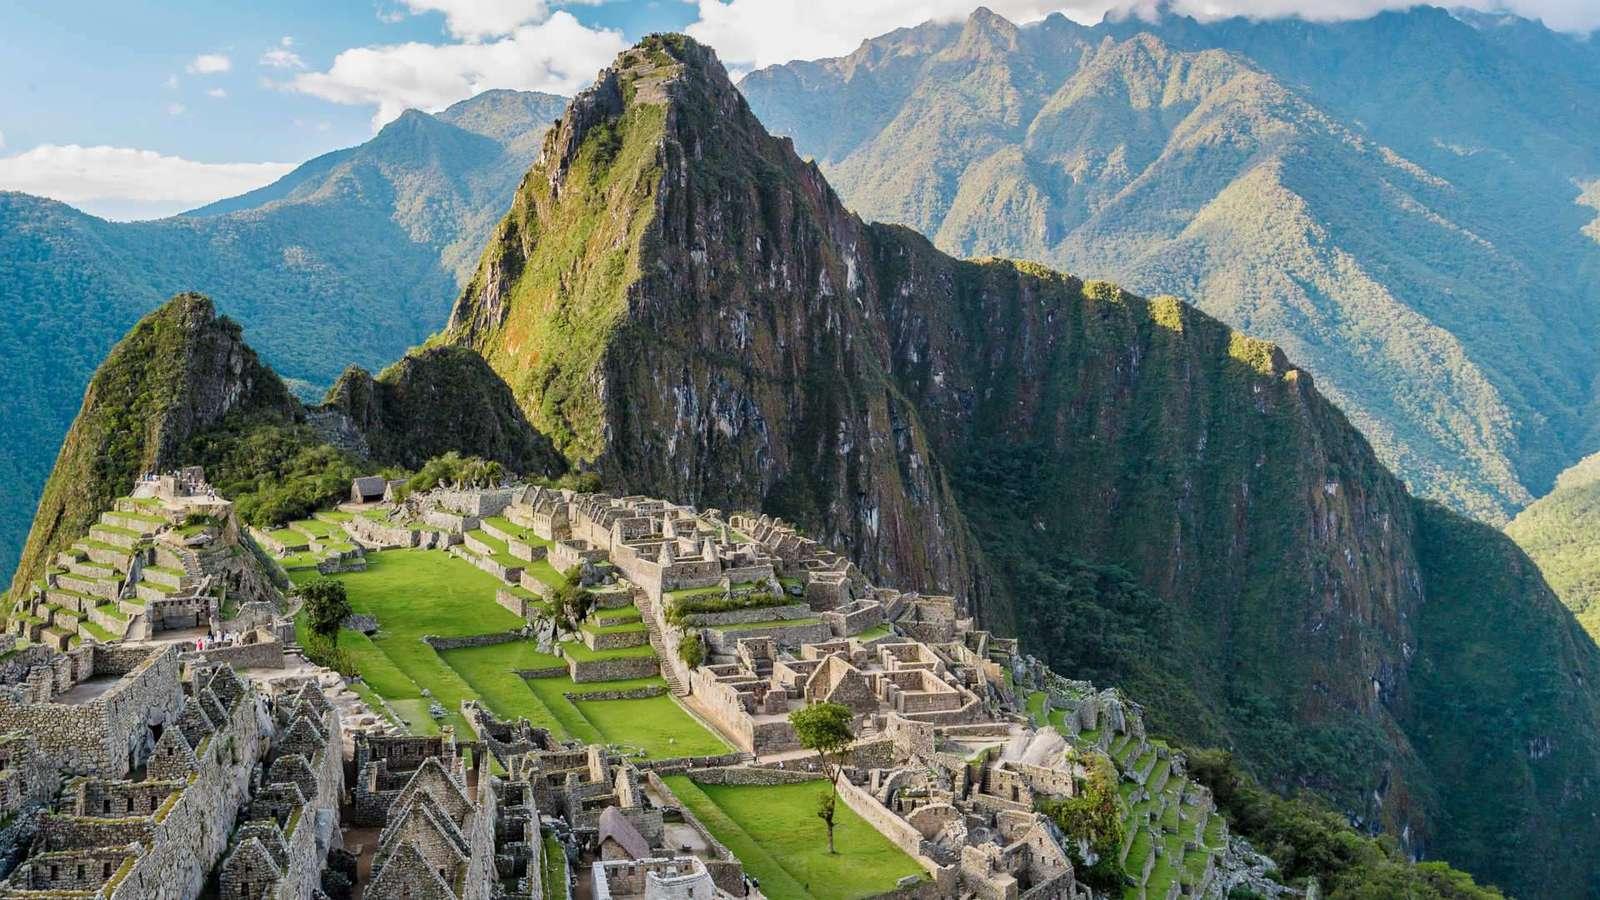 704778 المسافرون العرب أبرز المعلومات عن دولة بيرو